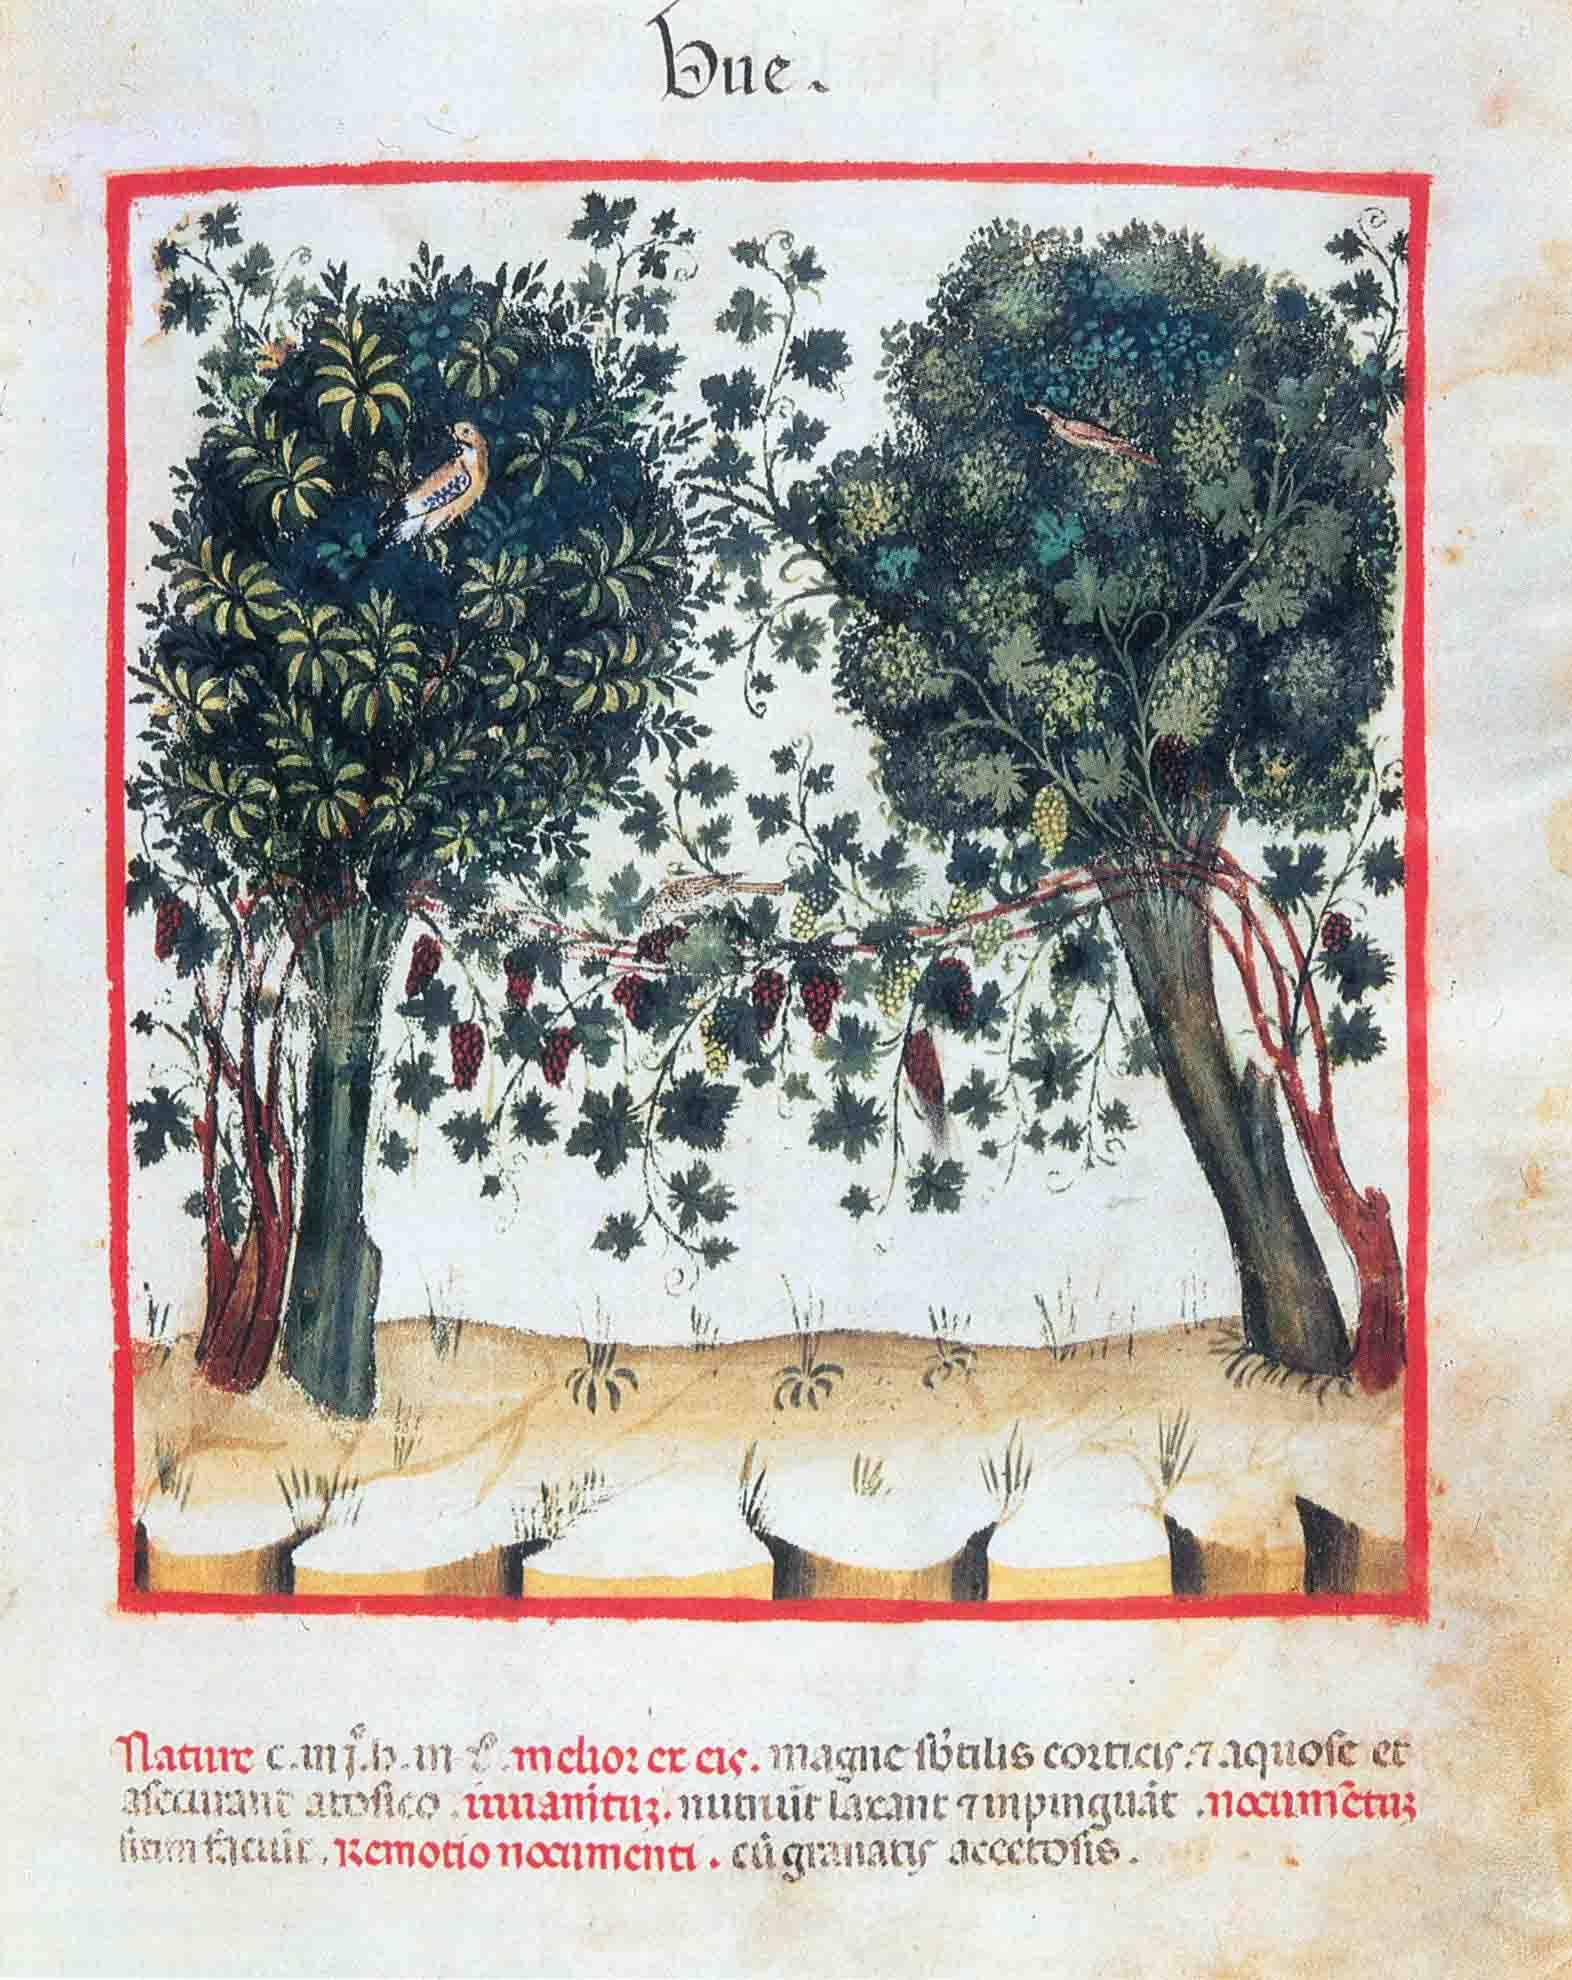 """05a. Vite """"maritata"""" agli alberi, tirando i tralci da un tronco all'altro, secondo il metodo della """"piantata padana"""" in uso già presso gli Etruschi. Miniatura tratta da UBUCHASYM DE BALDAH (XI sec.), Theatrum Sanitatis, sec. XIV, ms 4182 (Roma, Biblioteca Casanatense)."""